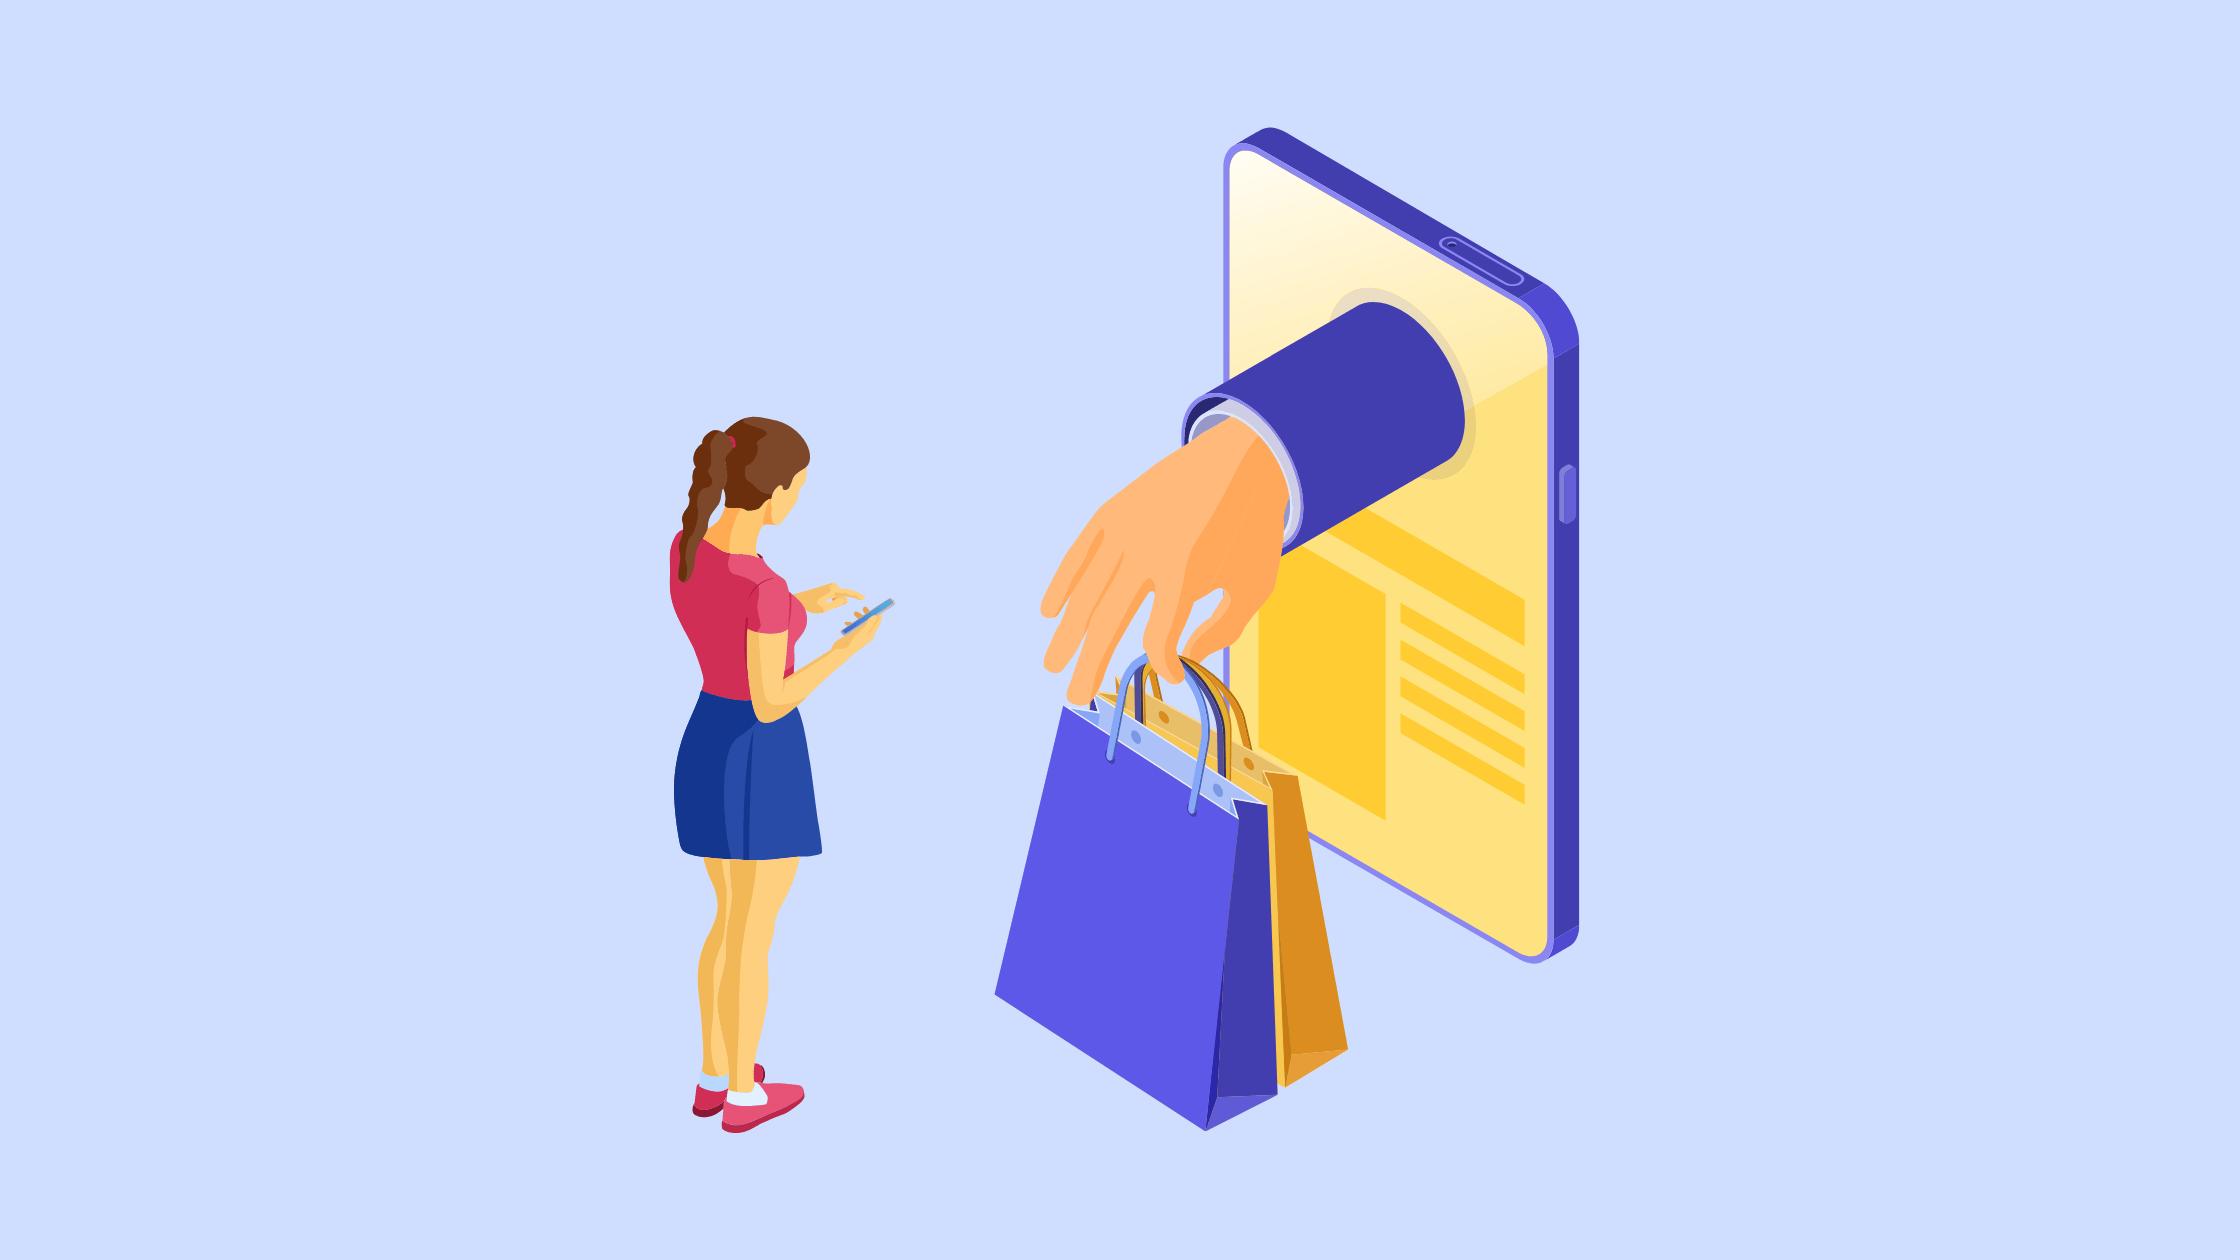 Una estrategia de servicio proactivo puede ayudarte a fidelizar mas clientes y a reducir la tasa de abandono de carritos de compra